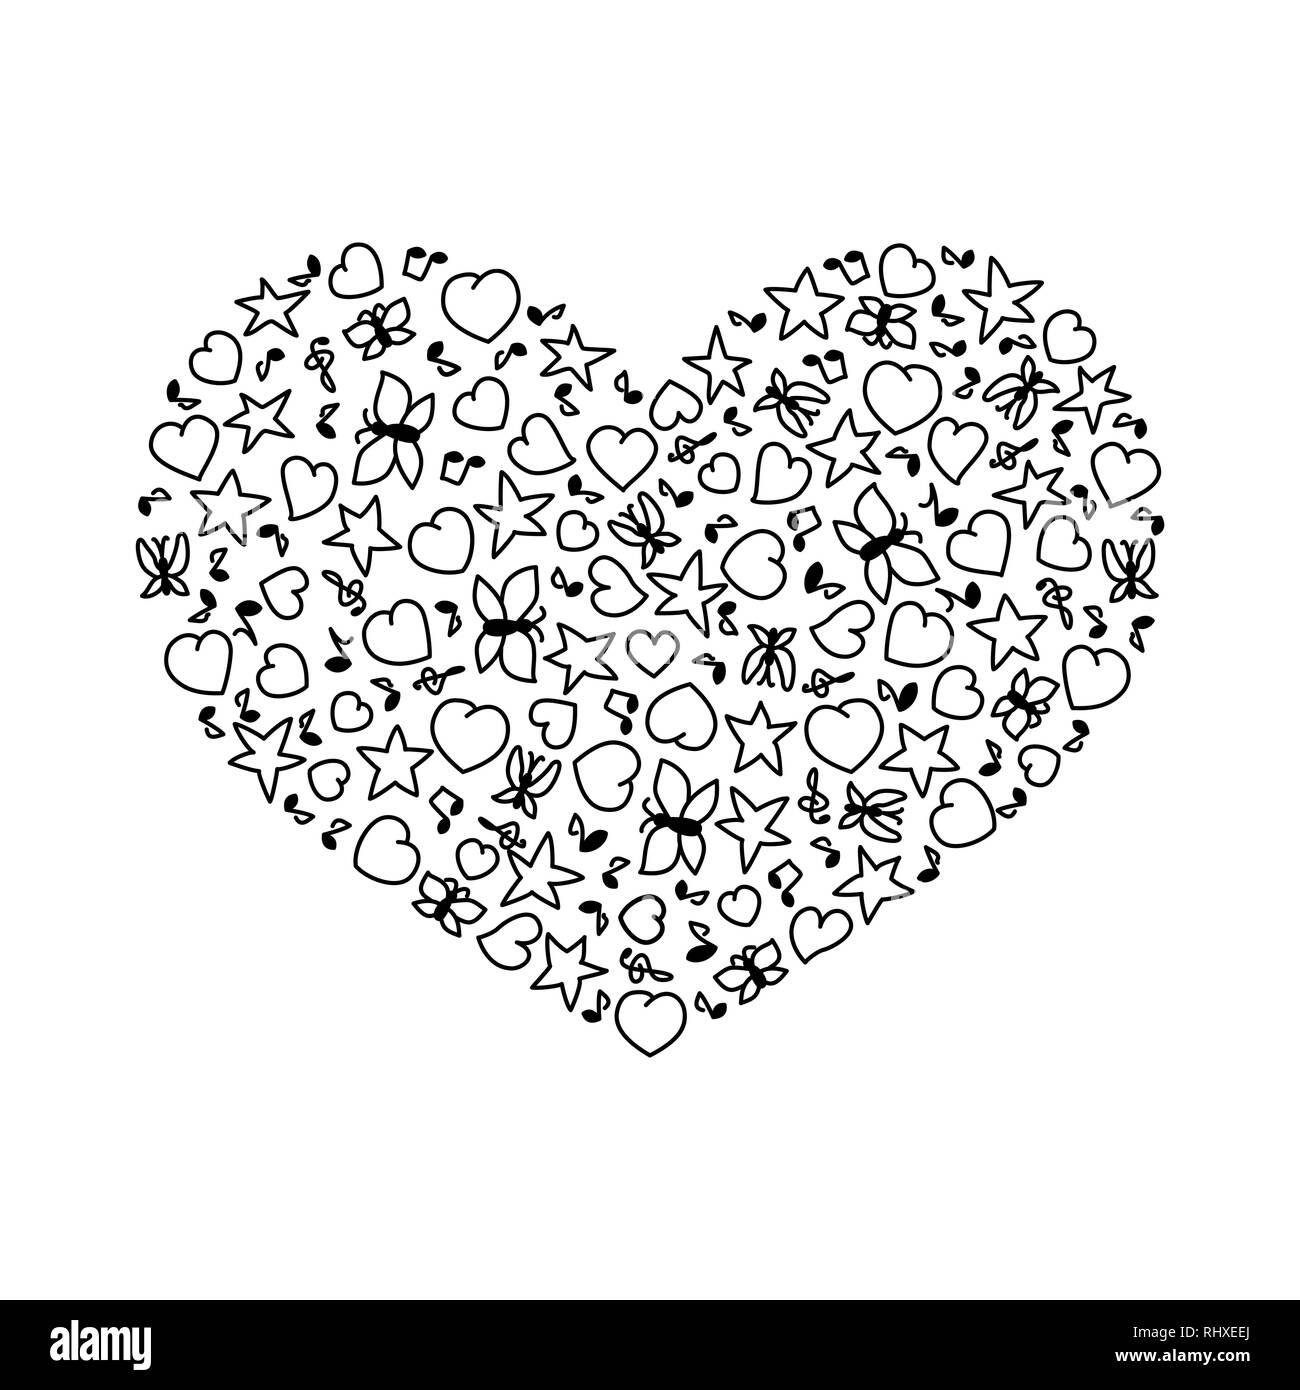 Coloriage Etoile Coeur.Cartoon Vector Illustration De Coeur De Coeur Des Notes